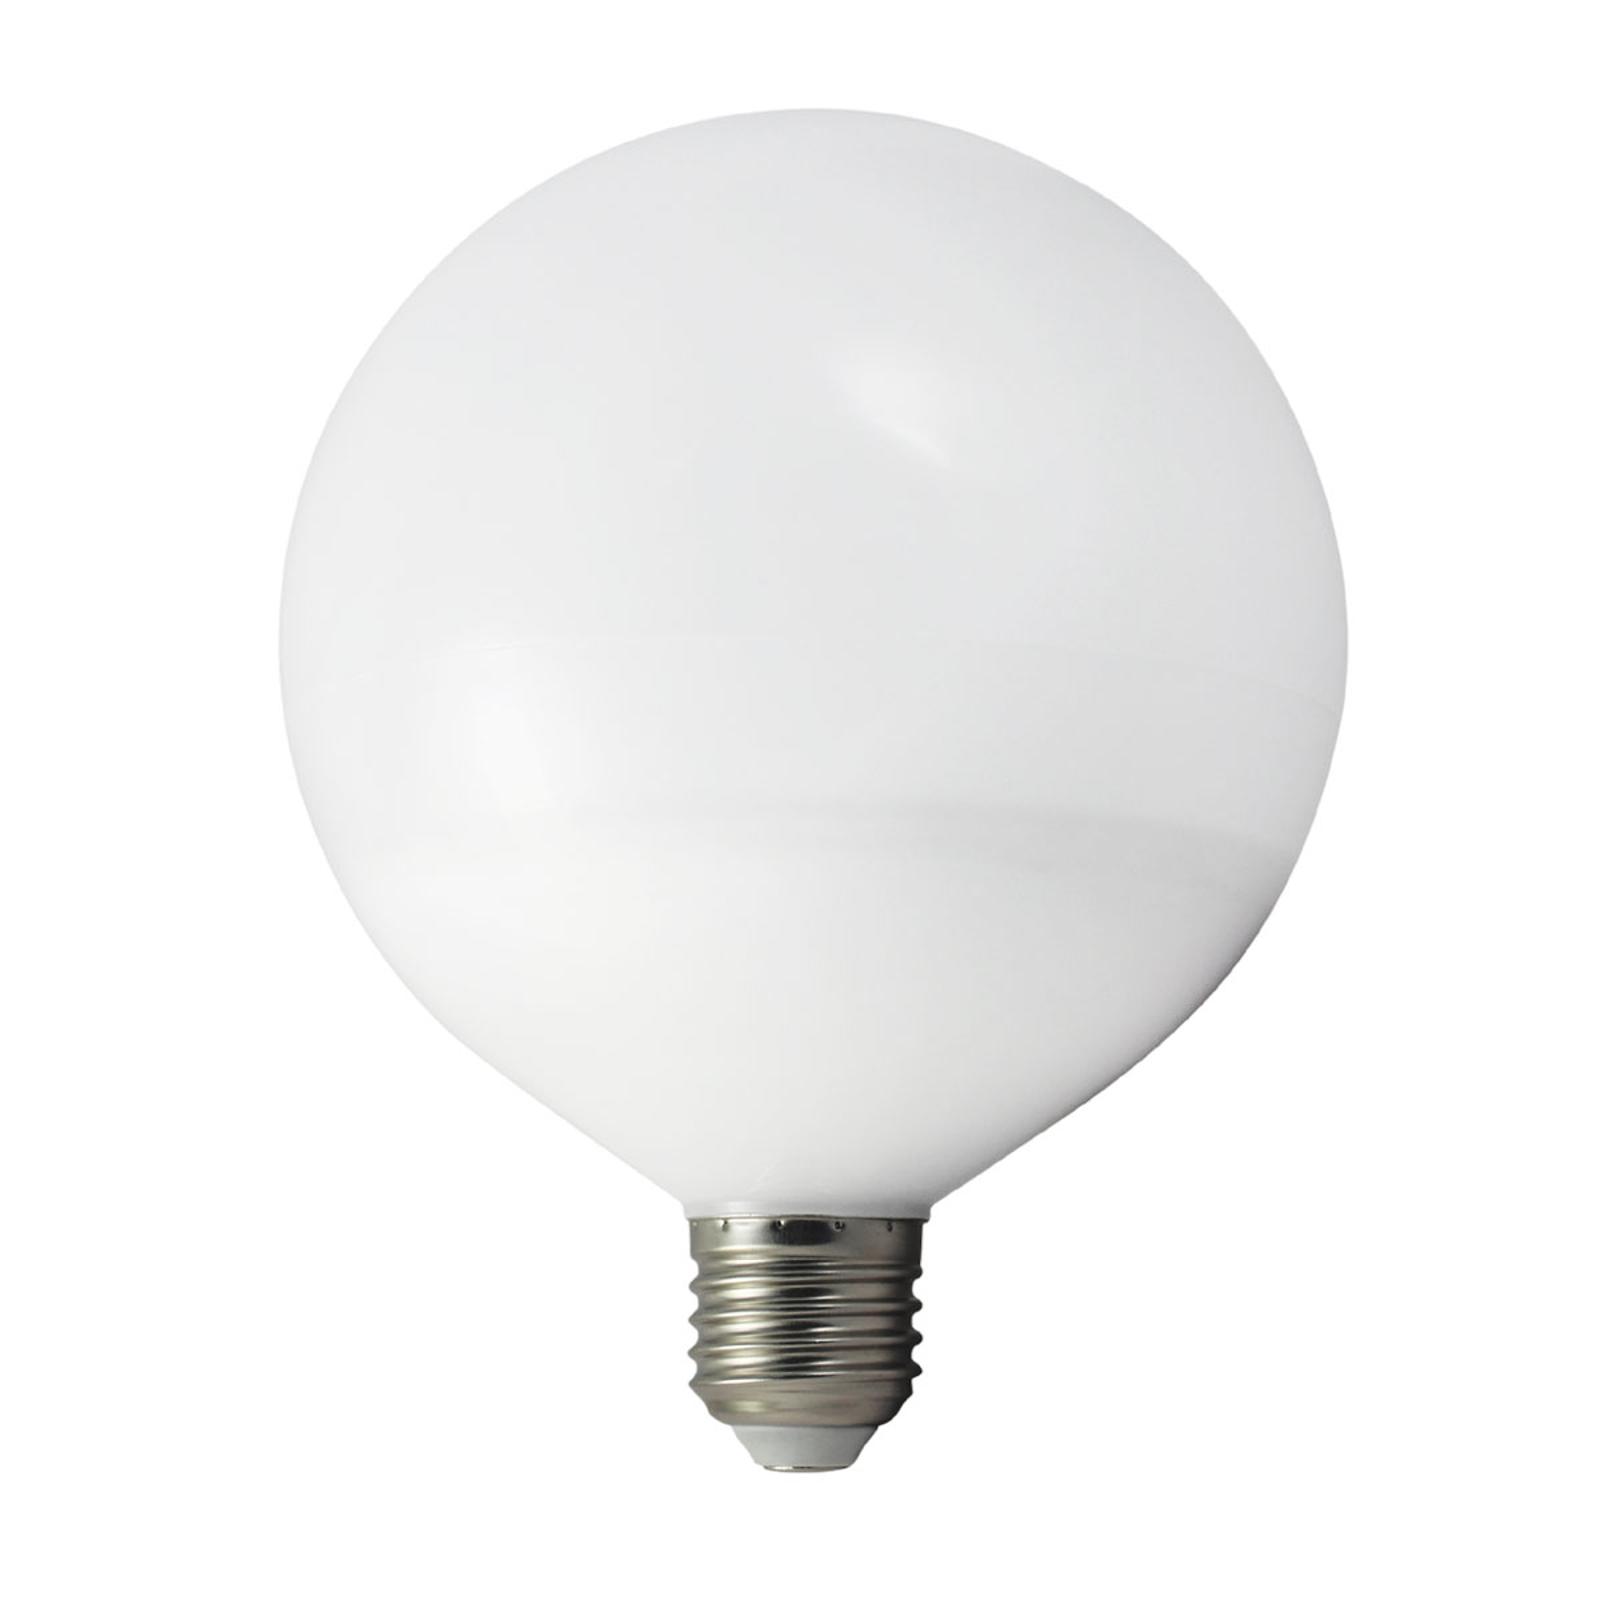 E27 15W 827 LED-klotlampa, varmvit